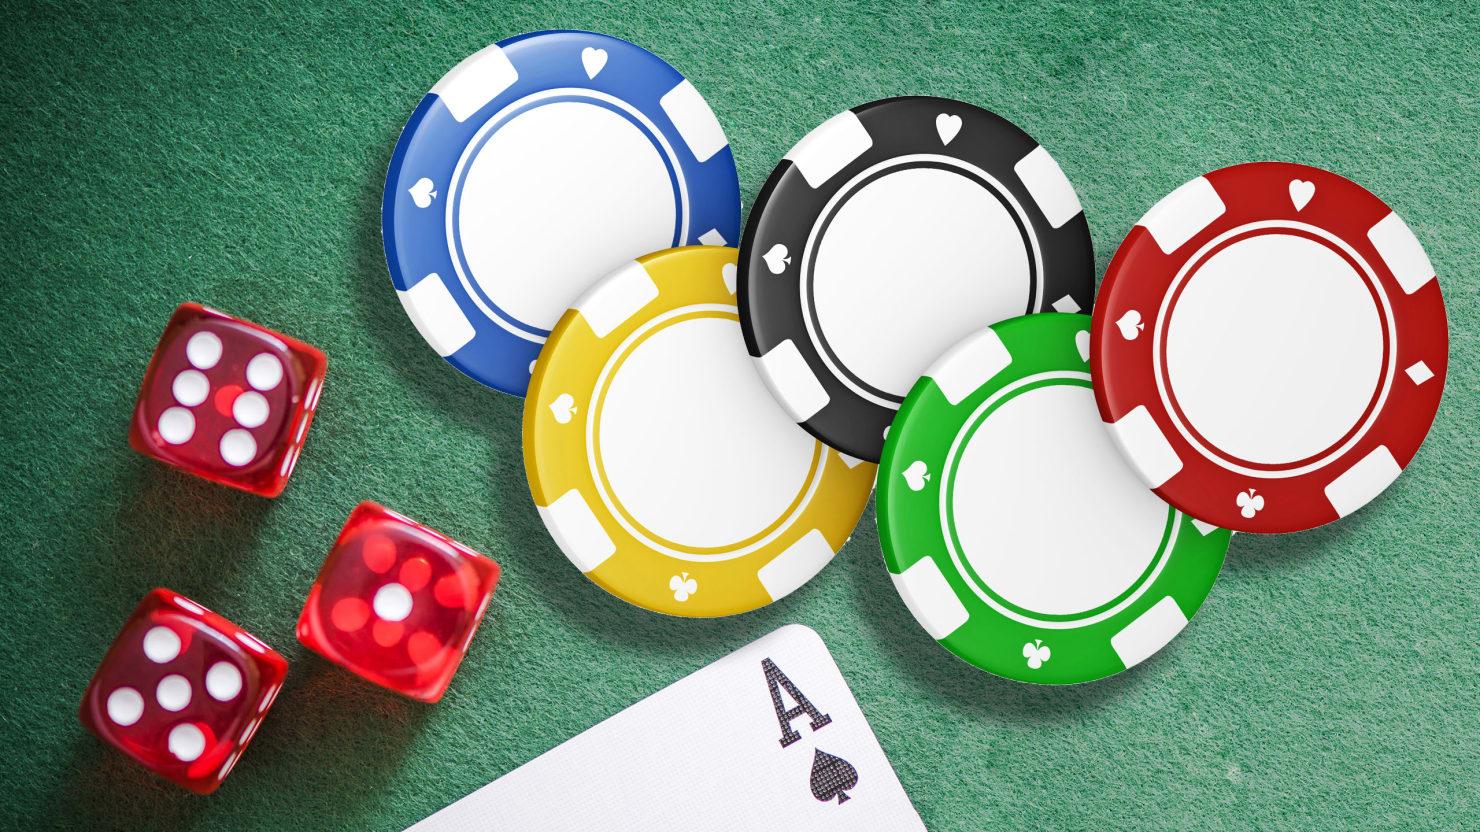 Beberapa Aturan Dasar untuk Bermain Online Casino Club dan Perjudian Online